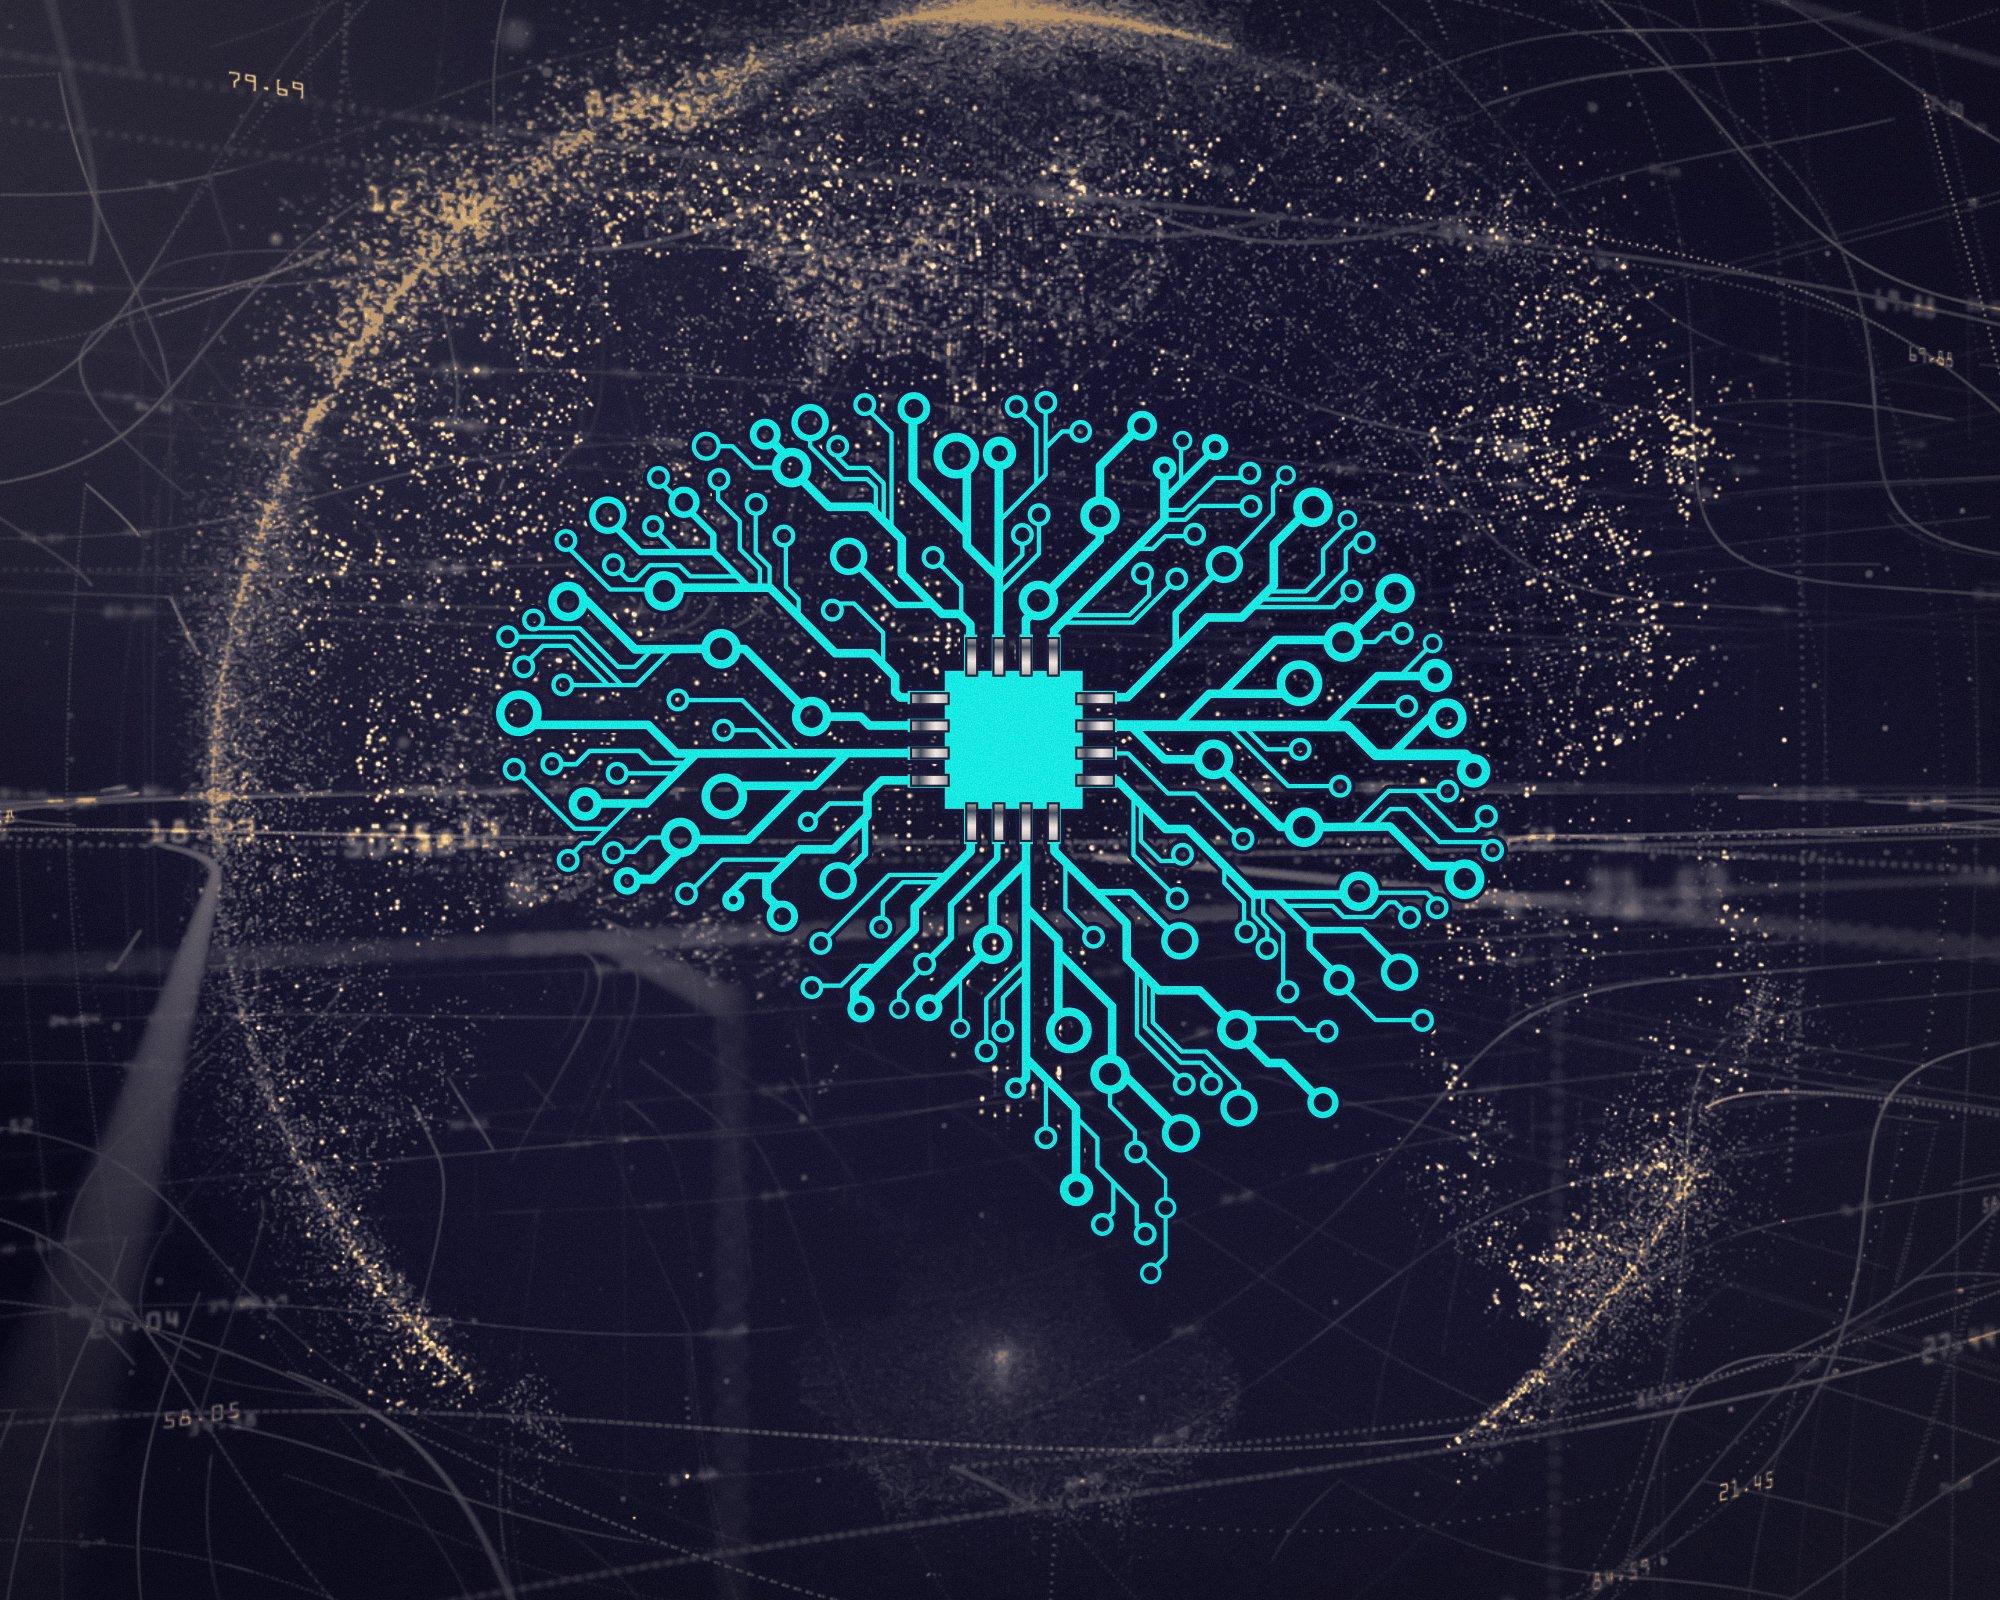 MiniSI #1: Czym jest sztuczna inteligencja? 24